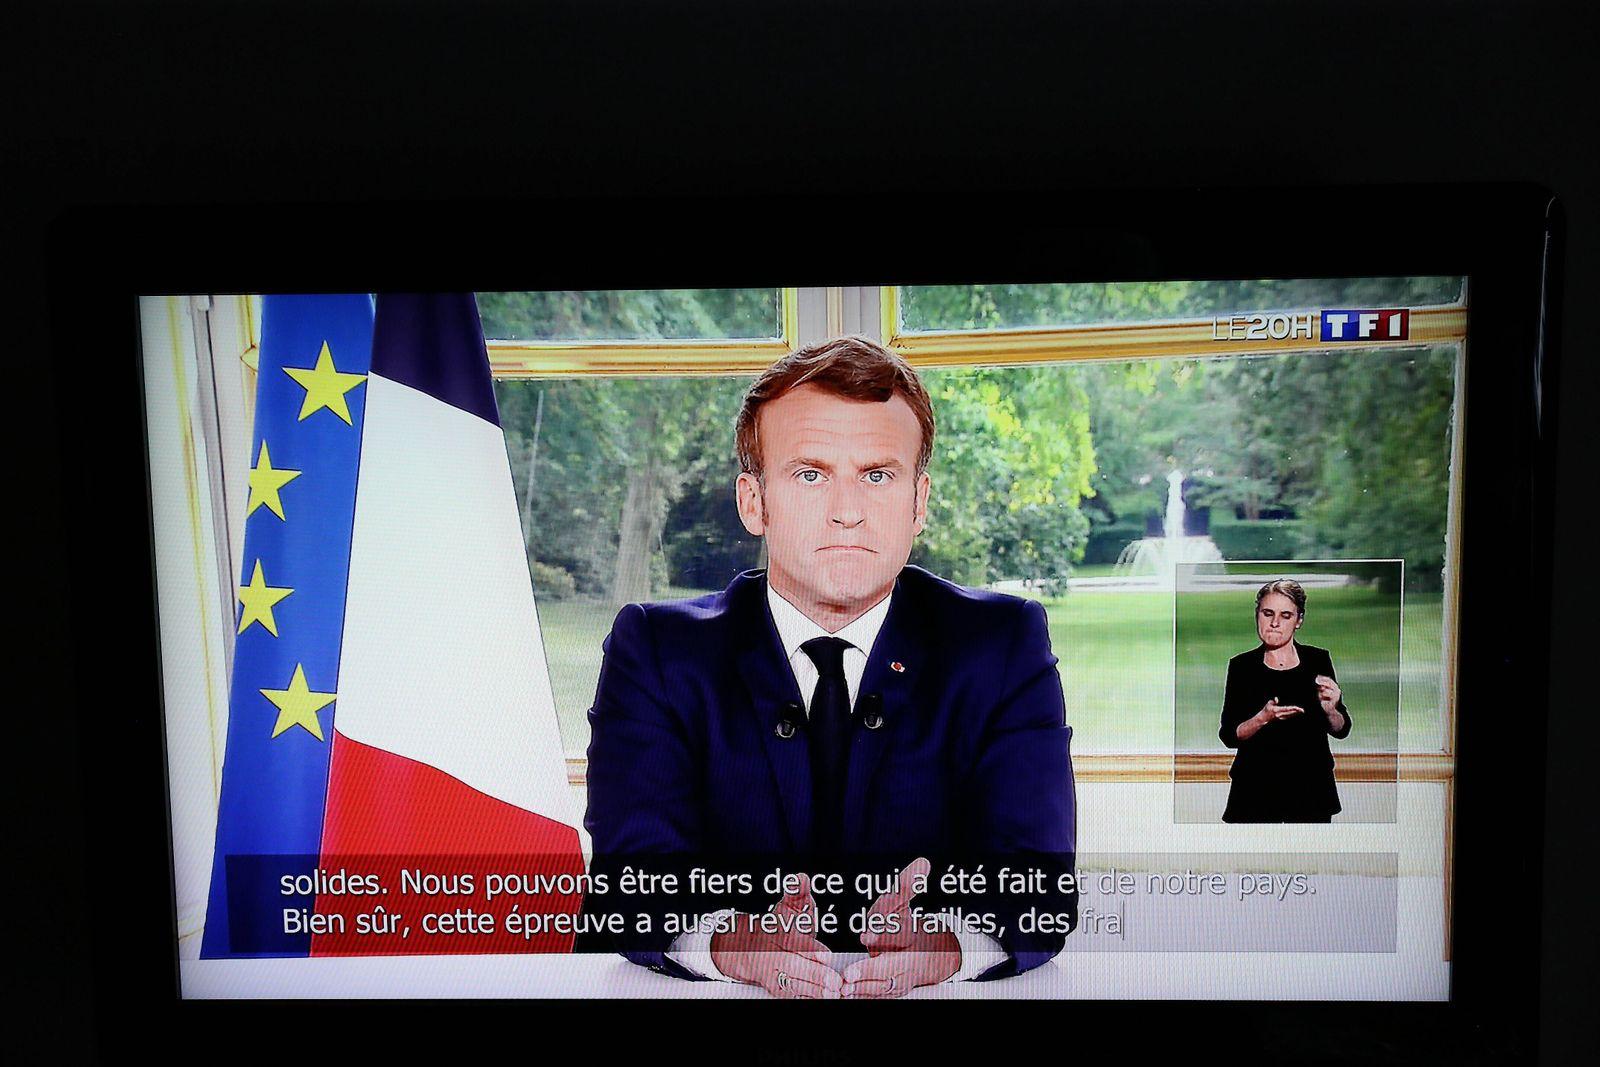 capture d ecran de l allocution du president Emmanuel Macron qui parle aux Francais ce dimanche 14 juin trois mois apre